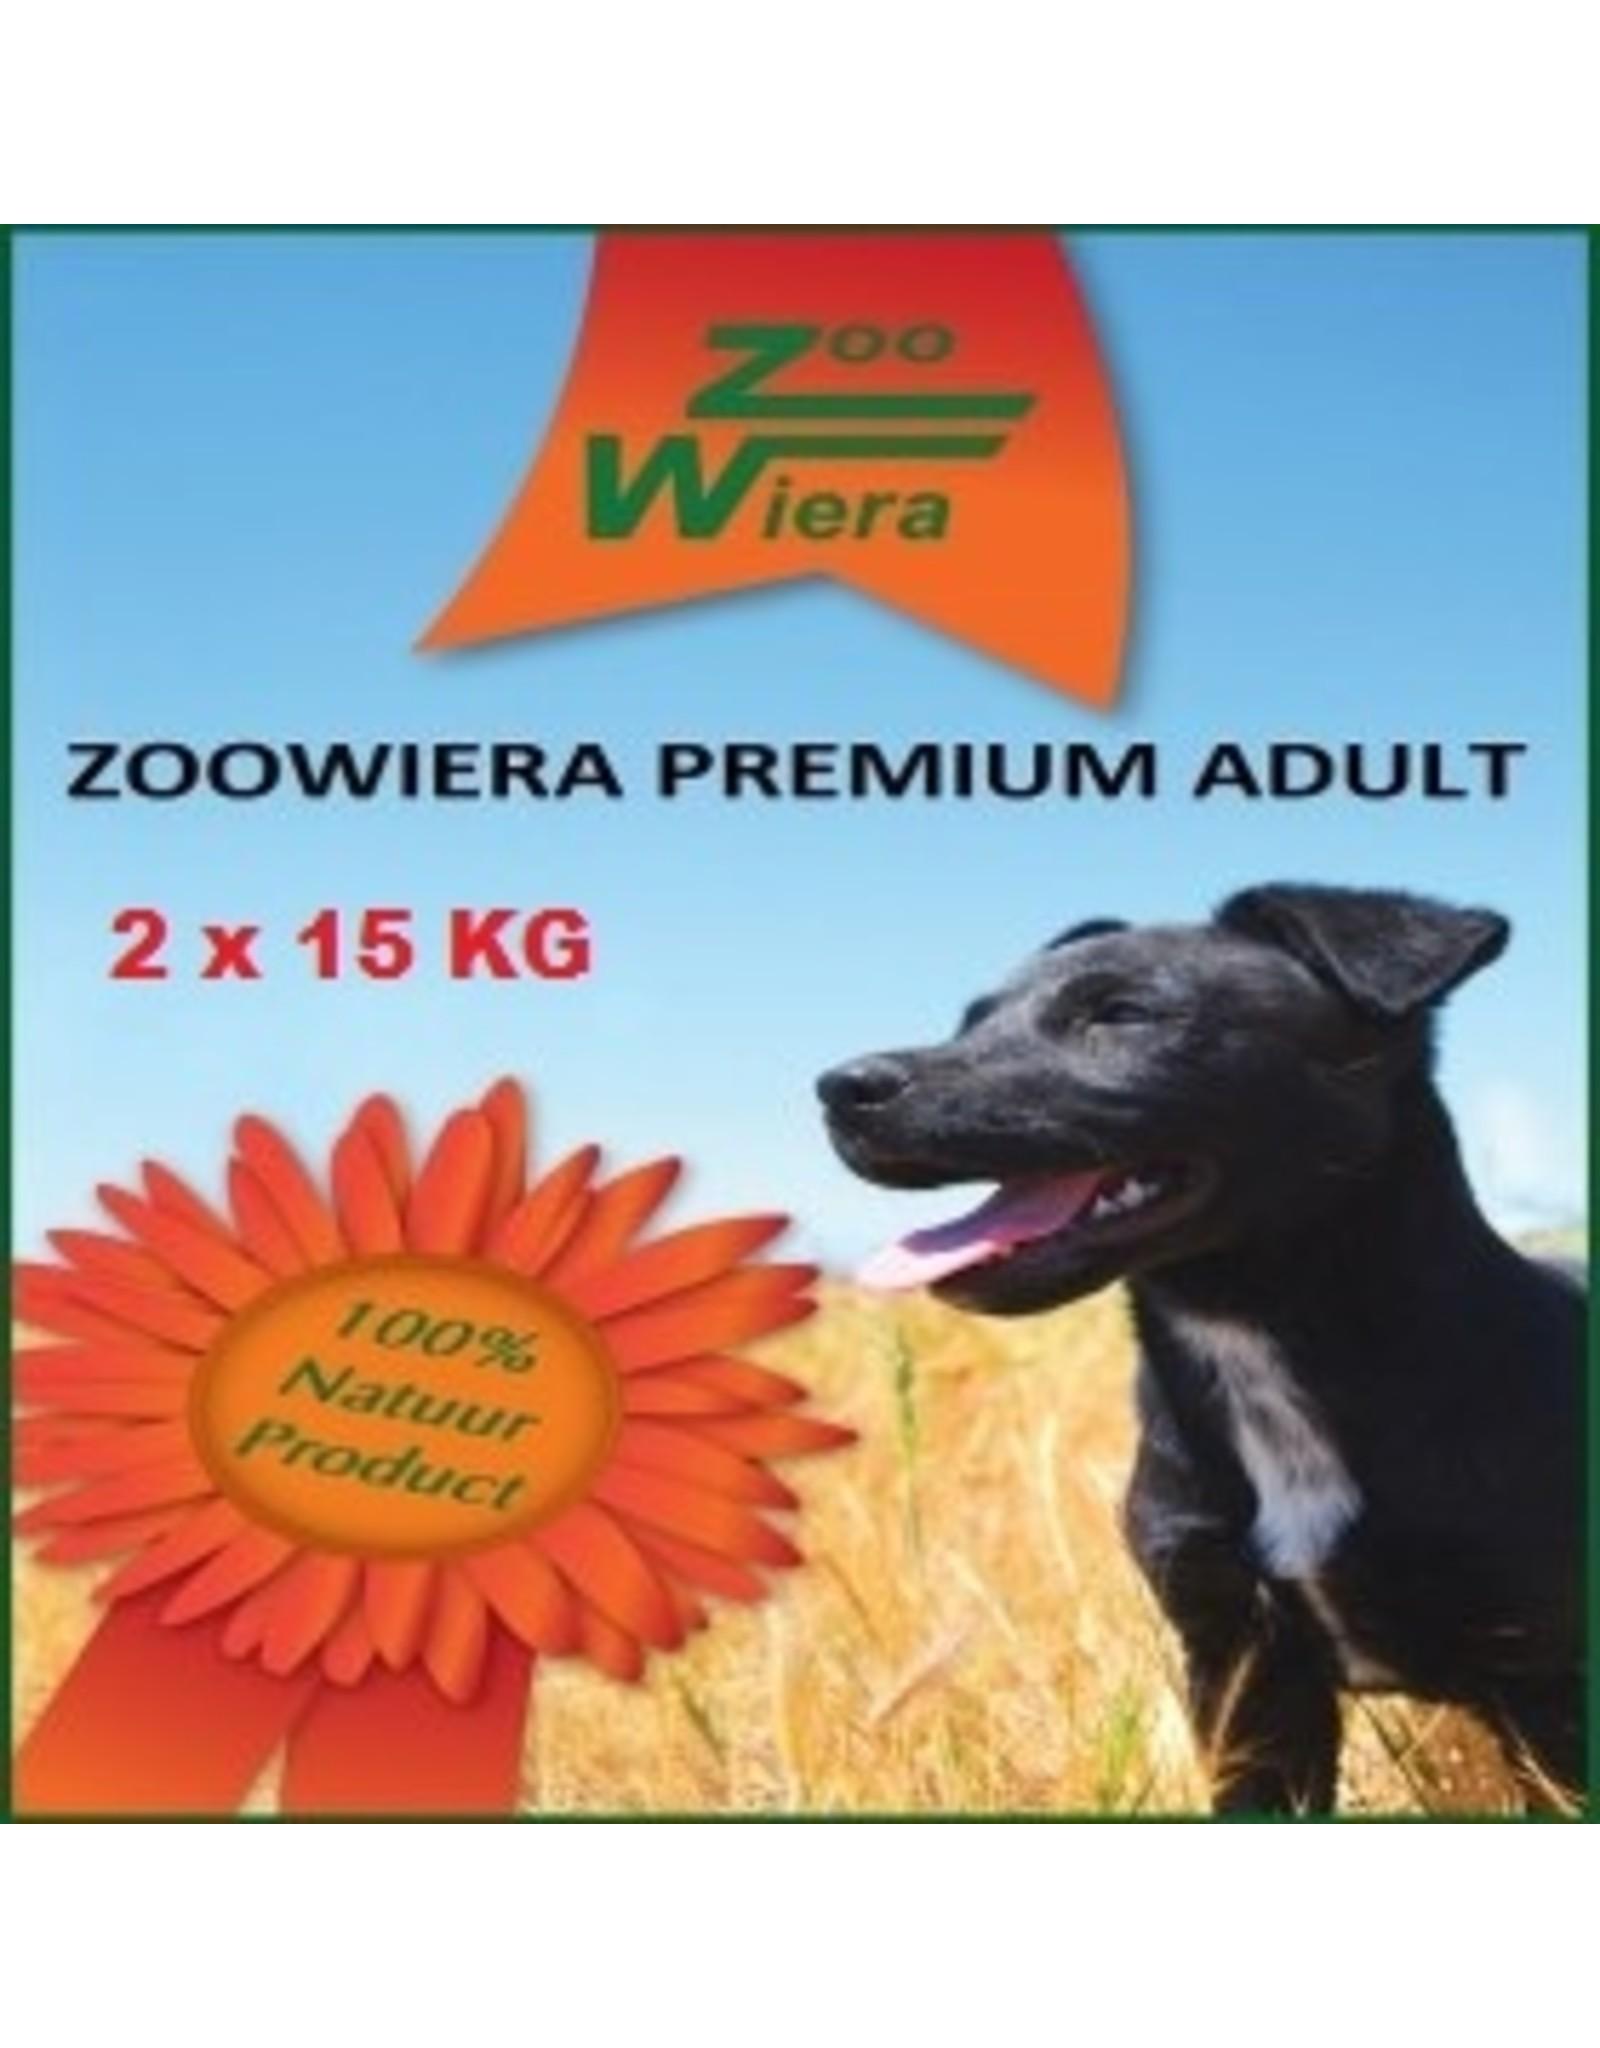 Zoowiera Zoowiera premium adult 30 kg